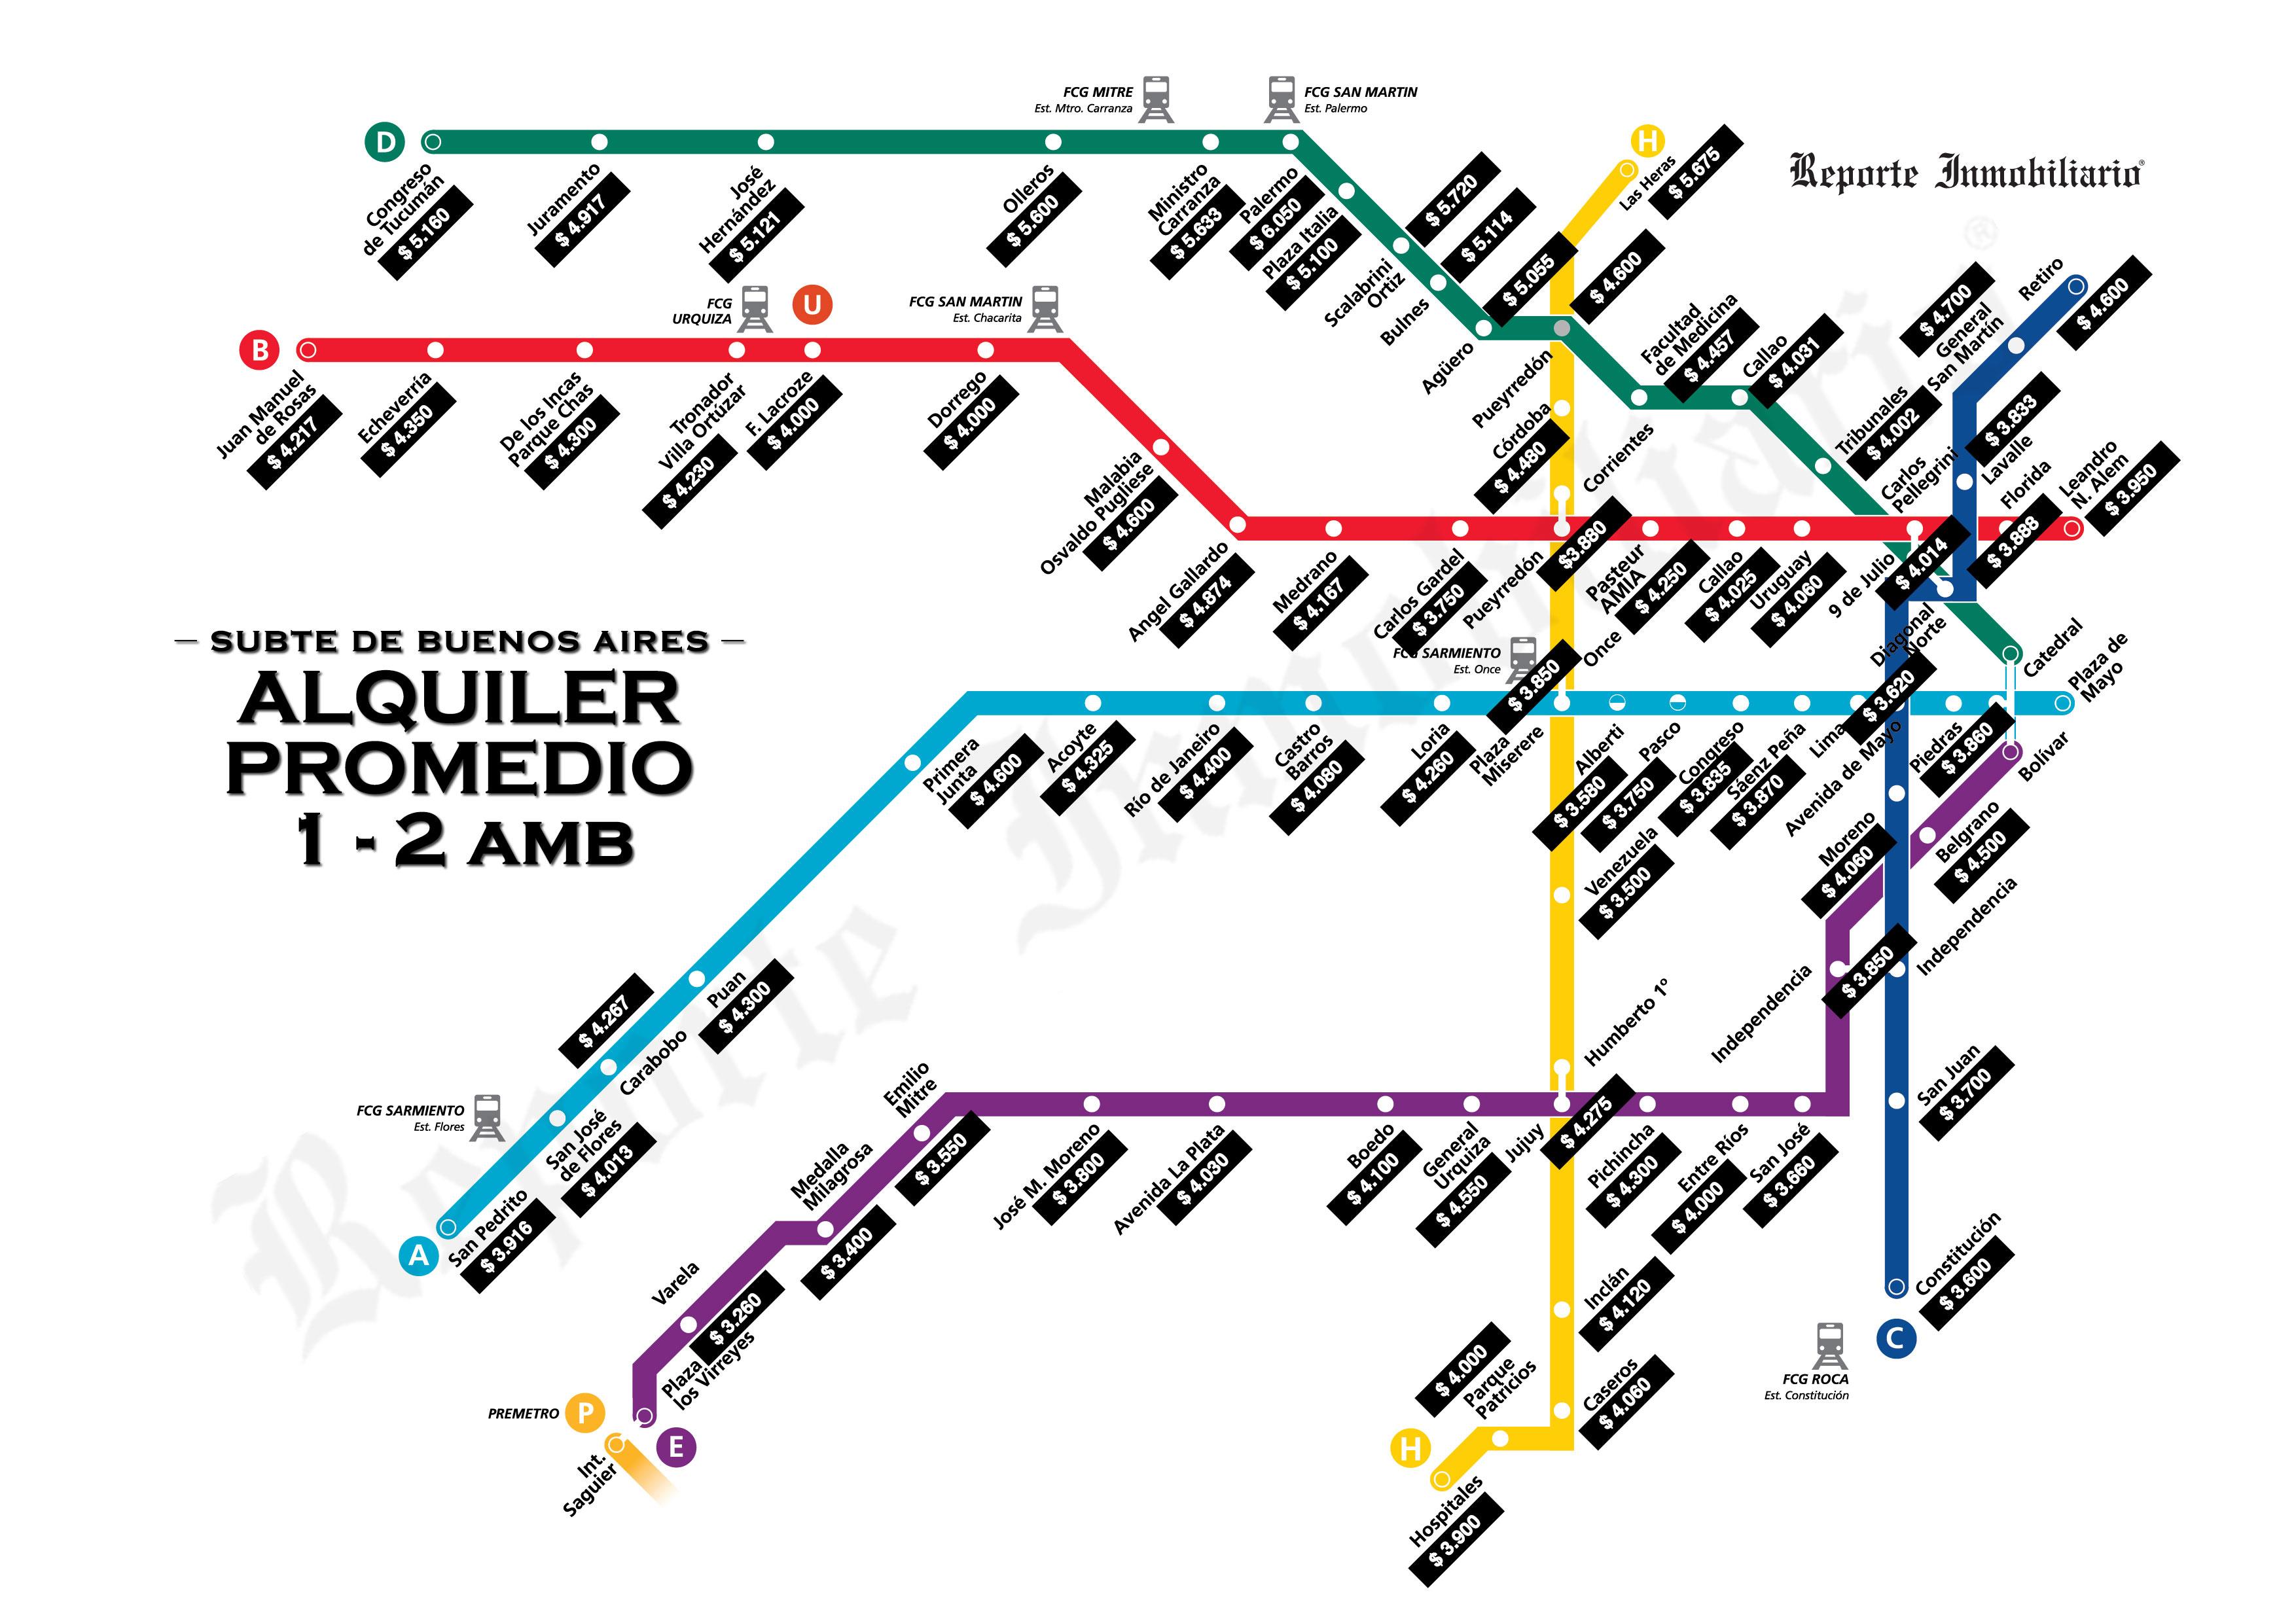 Precios De Alquileres Cercanos Al Subte Noticias Sobre - Argentina subte map